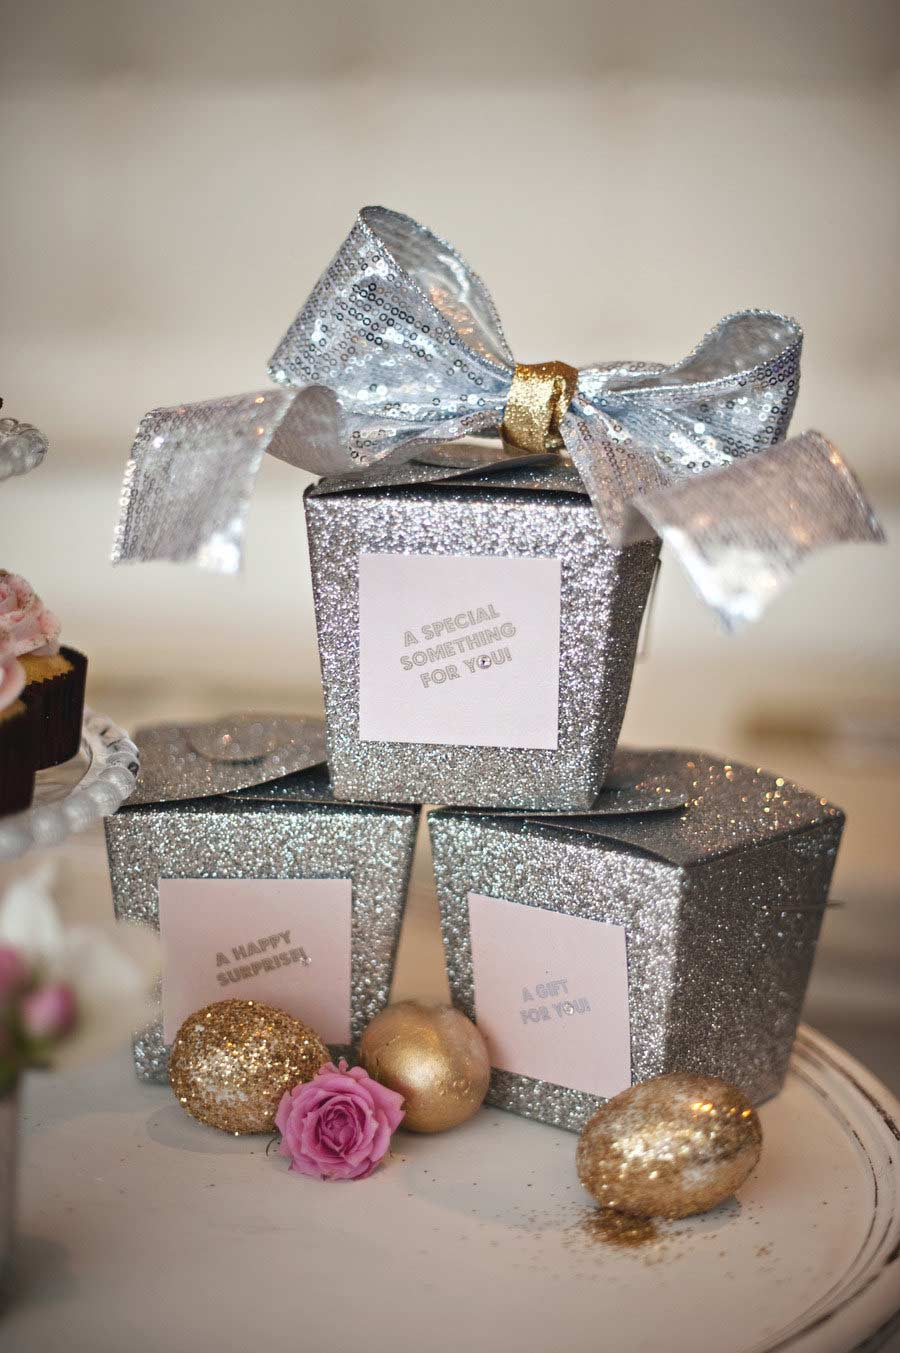 Mimo e lembrancinha especial para a decoração de ano novo!